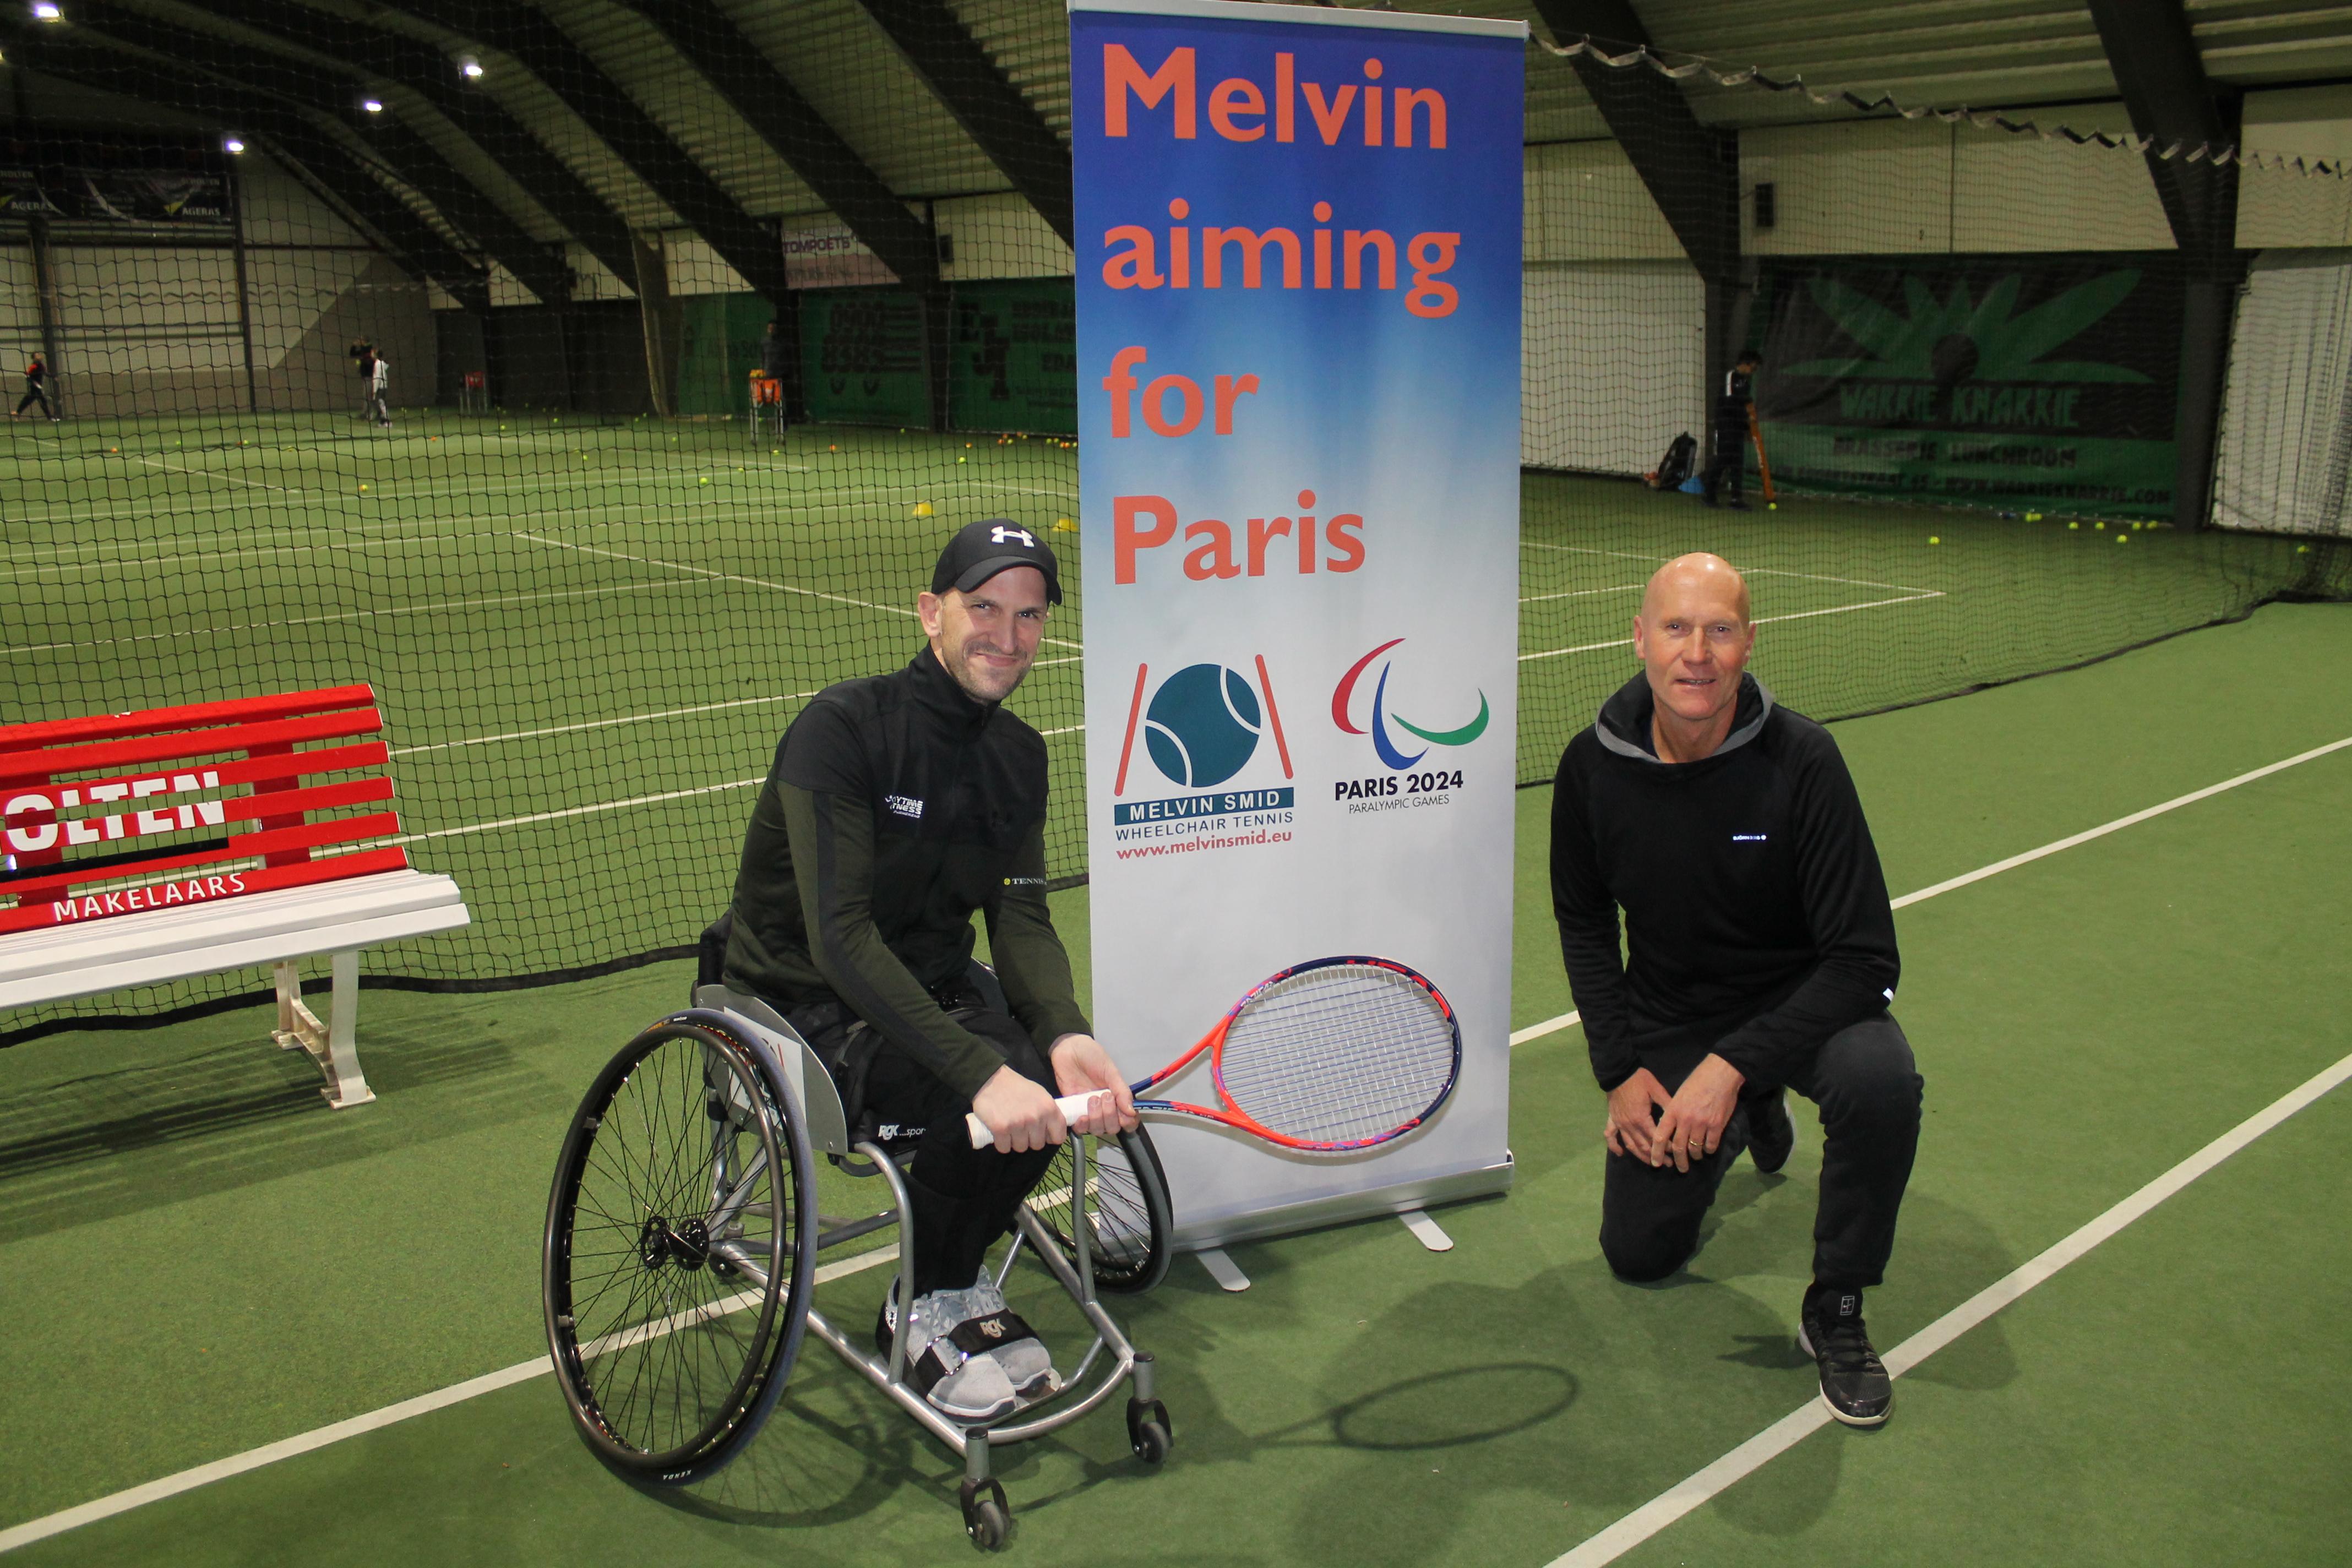 De rolstoeltennisser met het bestuur van de foundation. (Foto: Rodi Media/MB) rodi.nl © rodi